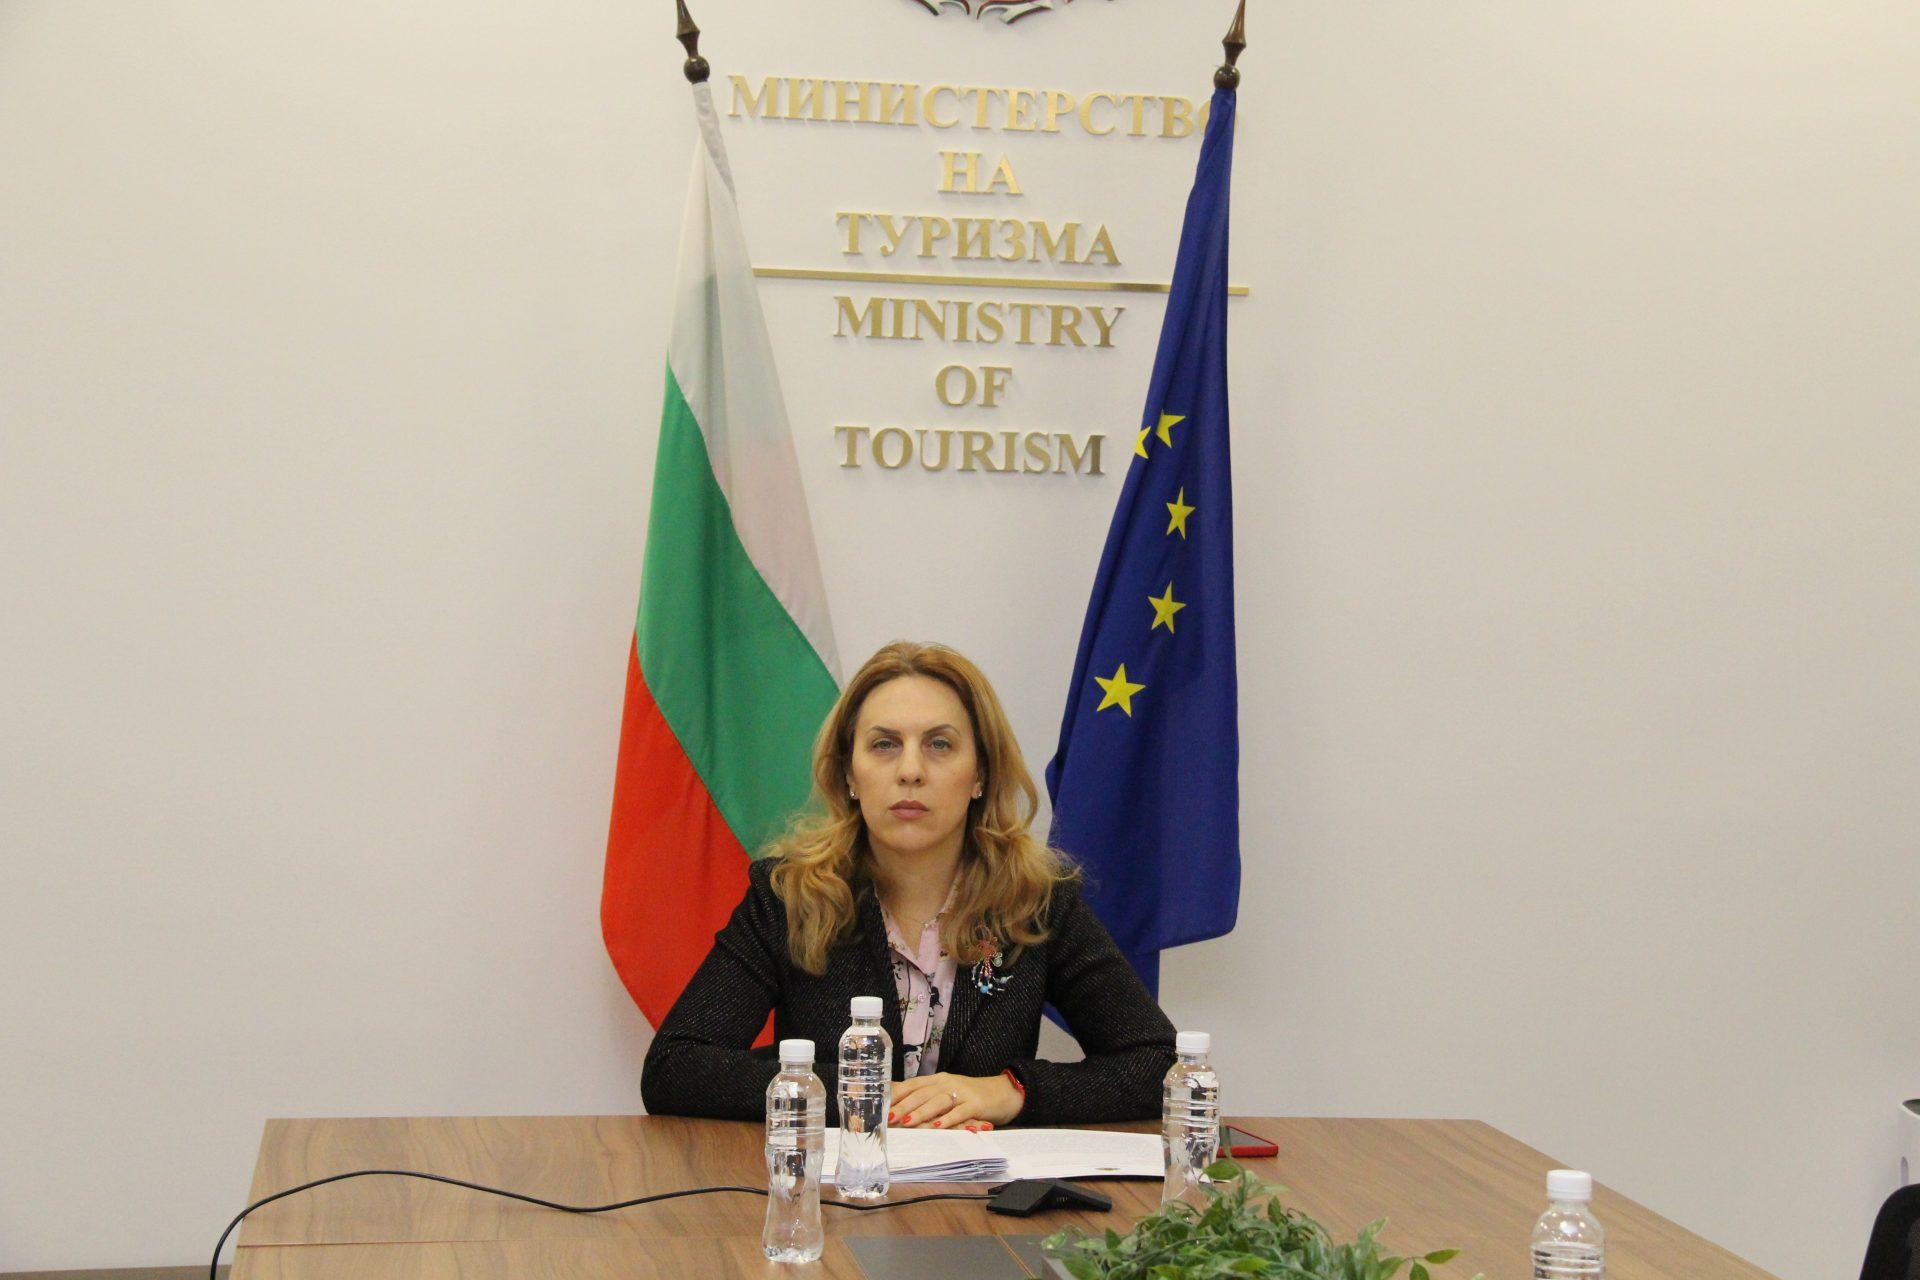 """Вицепремиерът Марияна Николова: Подкрепяме създаването на """"зелени коридори"""" за ваксинираните хора, без да се ограничават пътуванията и на останалите туристи"""